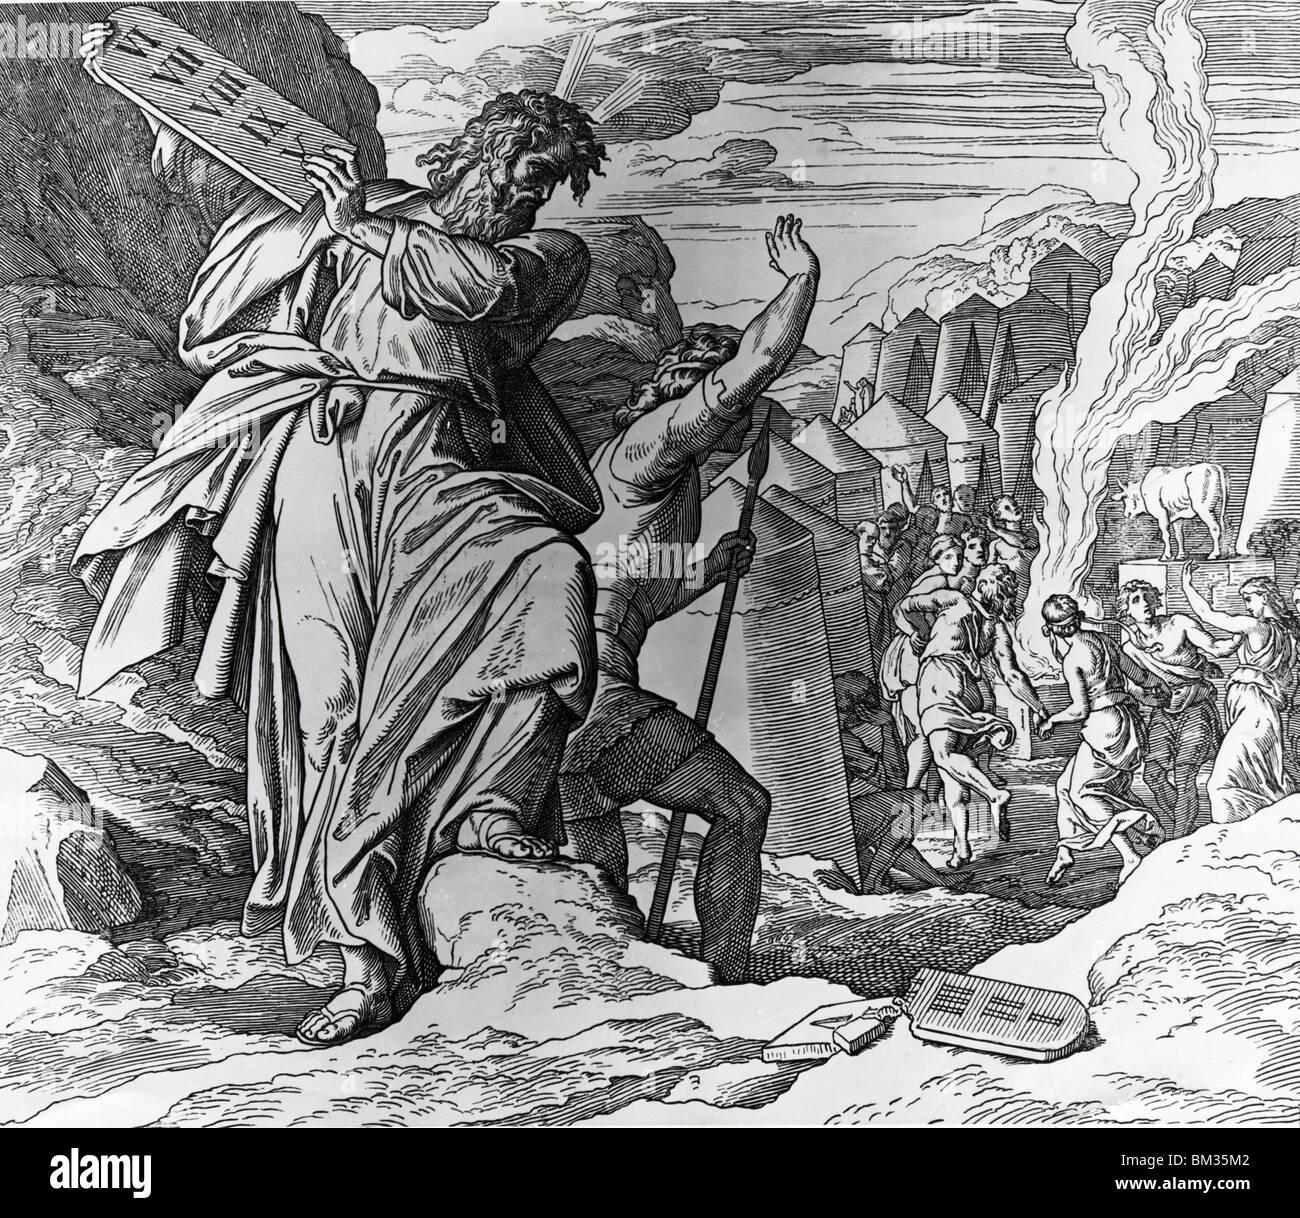 Moses bricht Tabletten des Gesetzes durch Julius Schnorr von Carolsfeld, (1794-187) Stockfoto